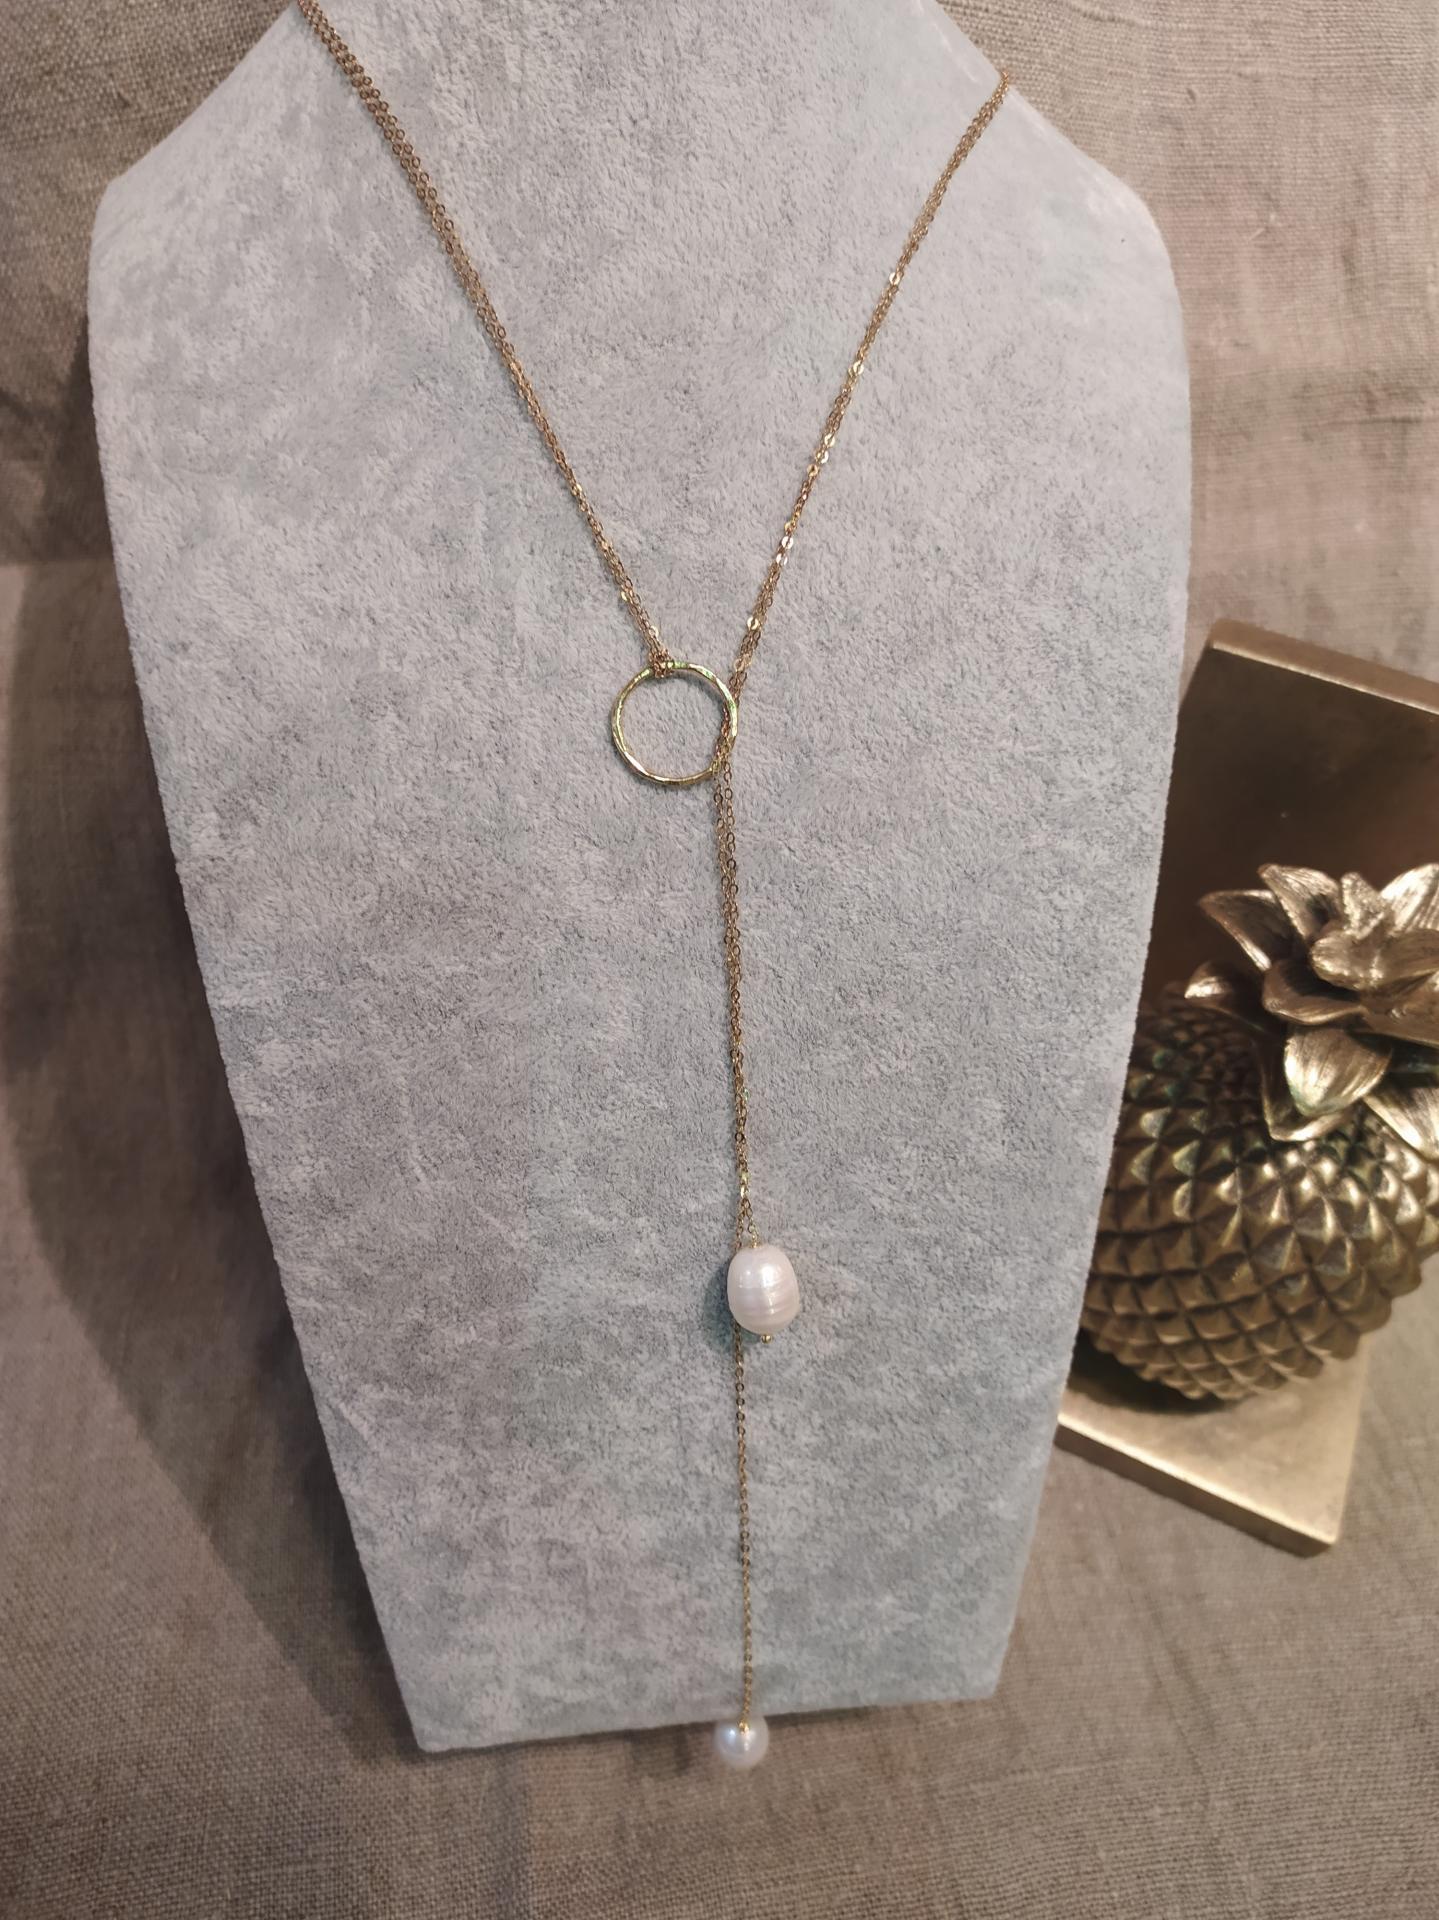 Sautoir ref 192 3 38 gr 135 eur perles baroques d australie 1